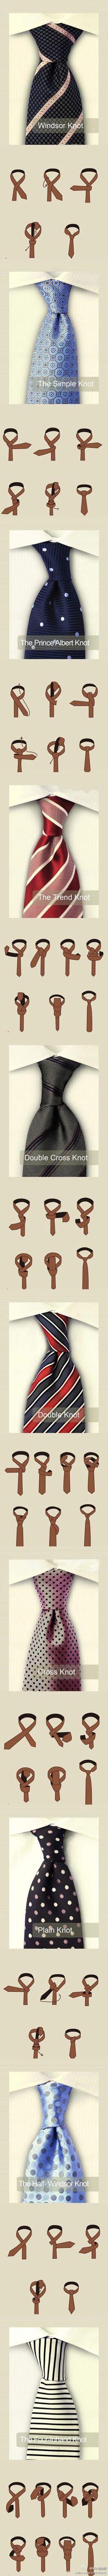 Как завязывать галстук: 10 способов, инфографика